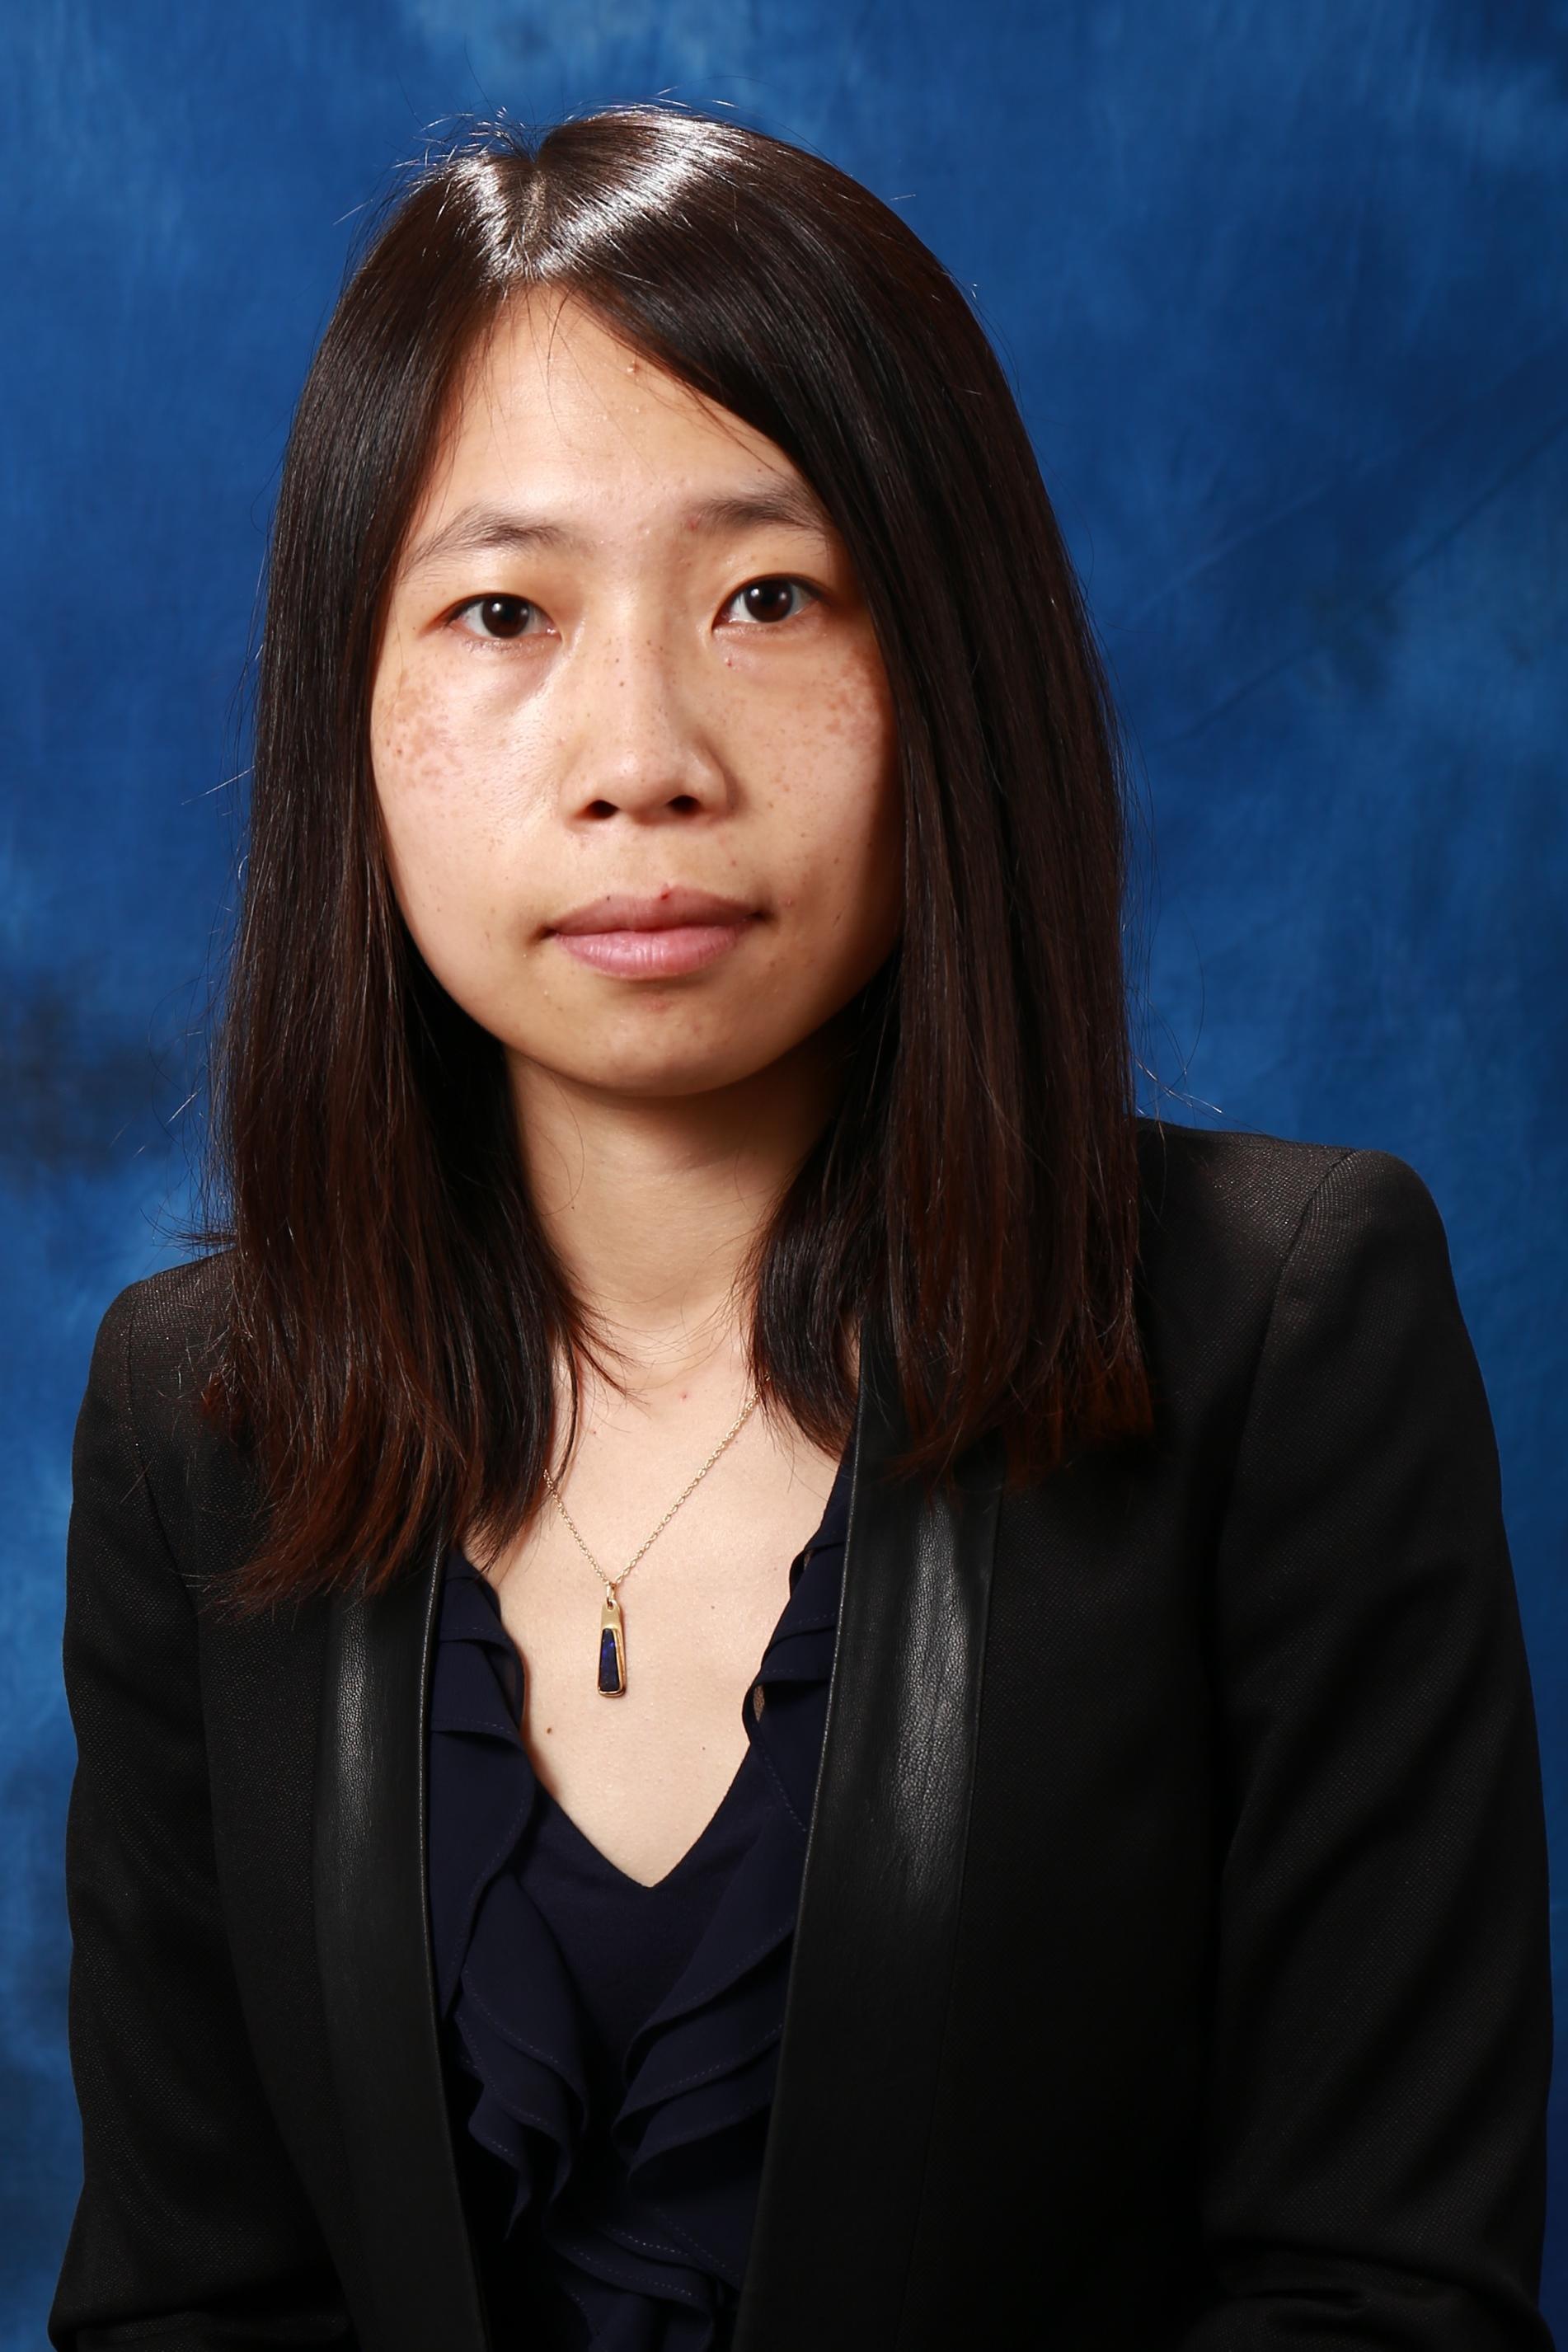 機械與自動化工程學系助理教授盧怡君教授